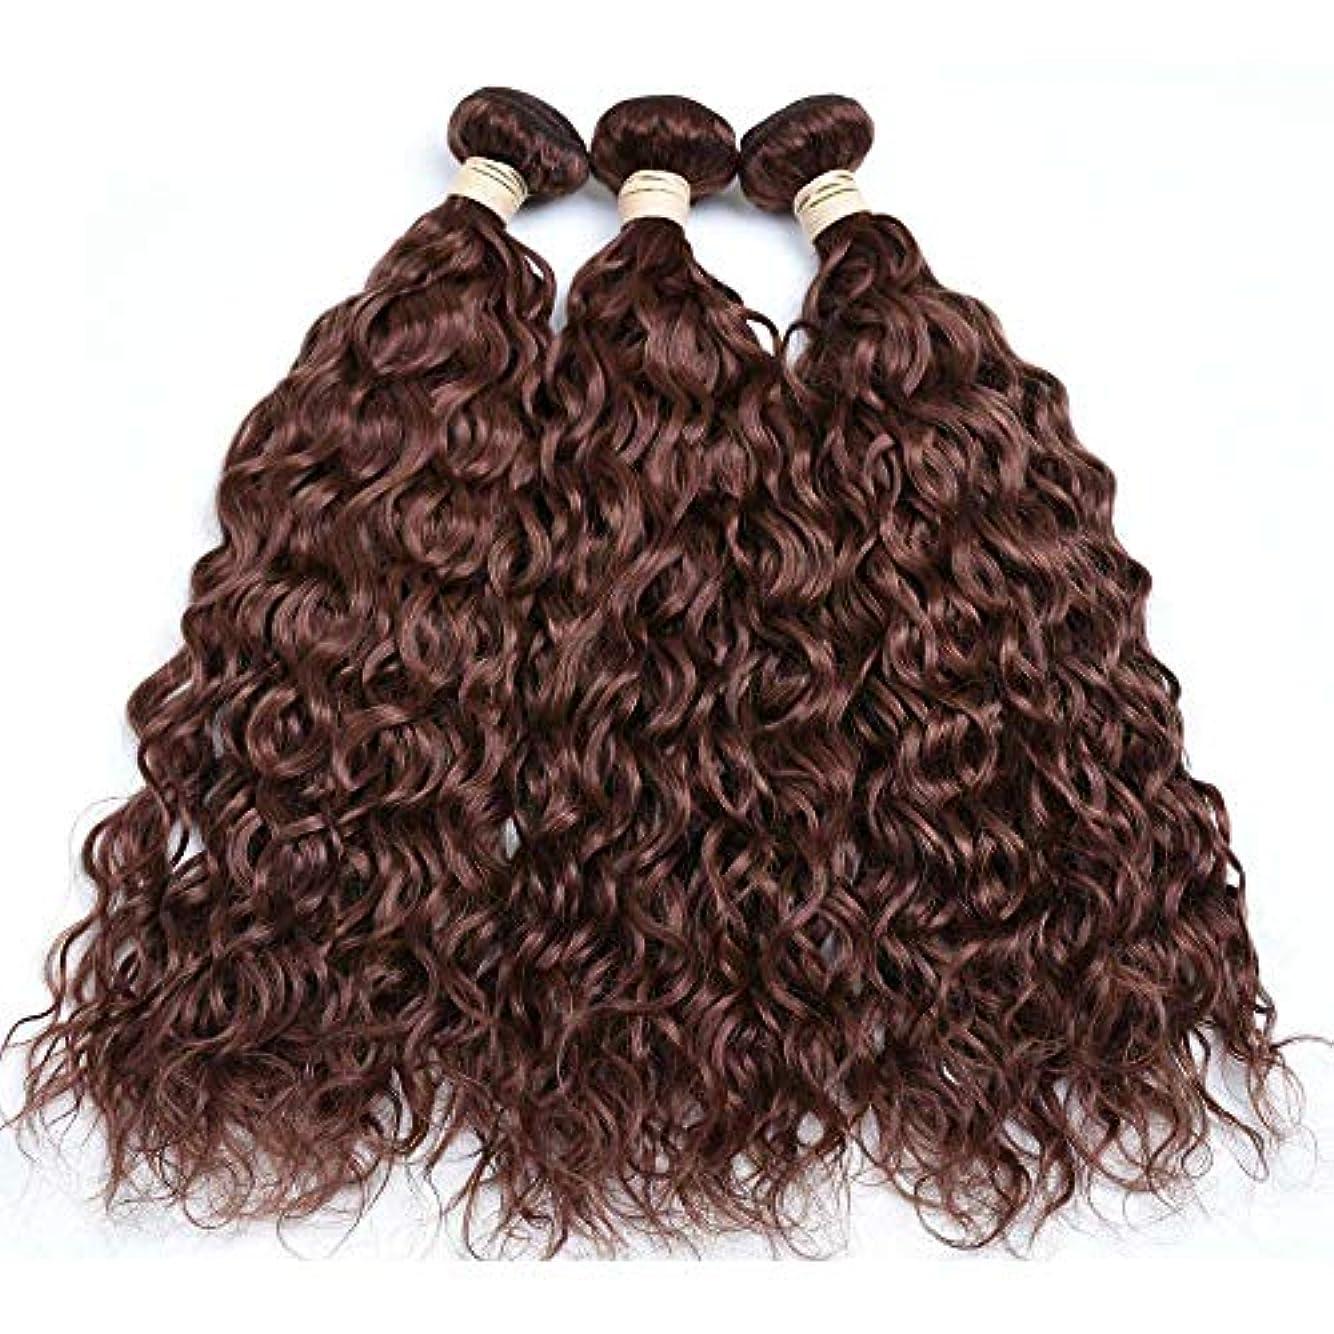 しない教育学均等にHOHYLLYA ブラジルの髪の束ブラジルの水の波100%未処理の本物の人間の髪の毛#33ブラウン色(8